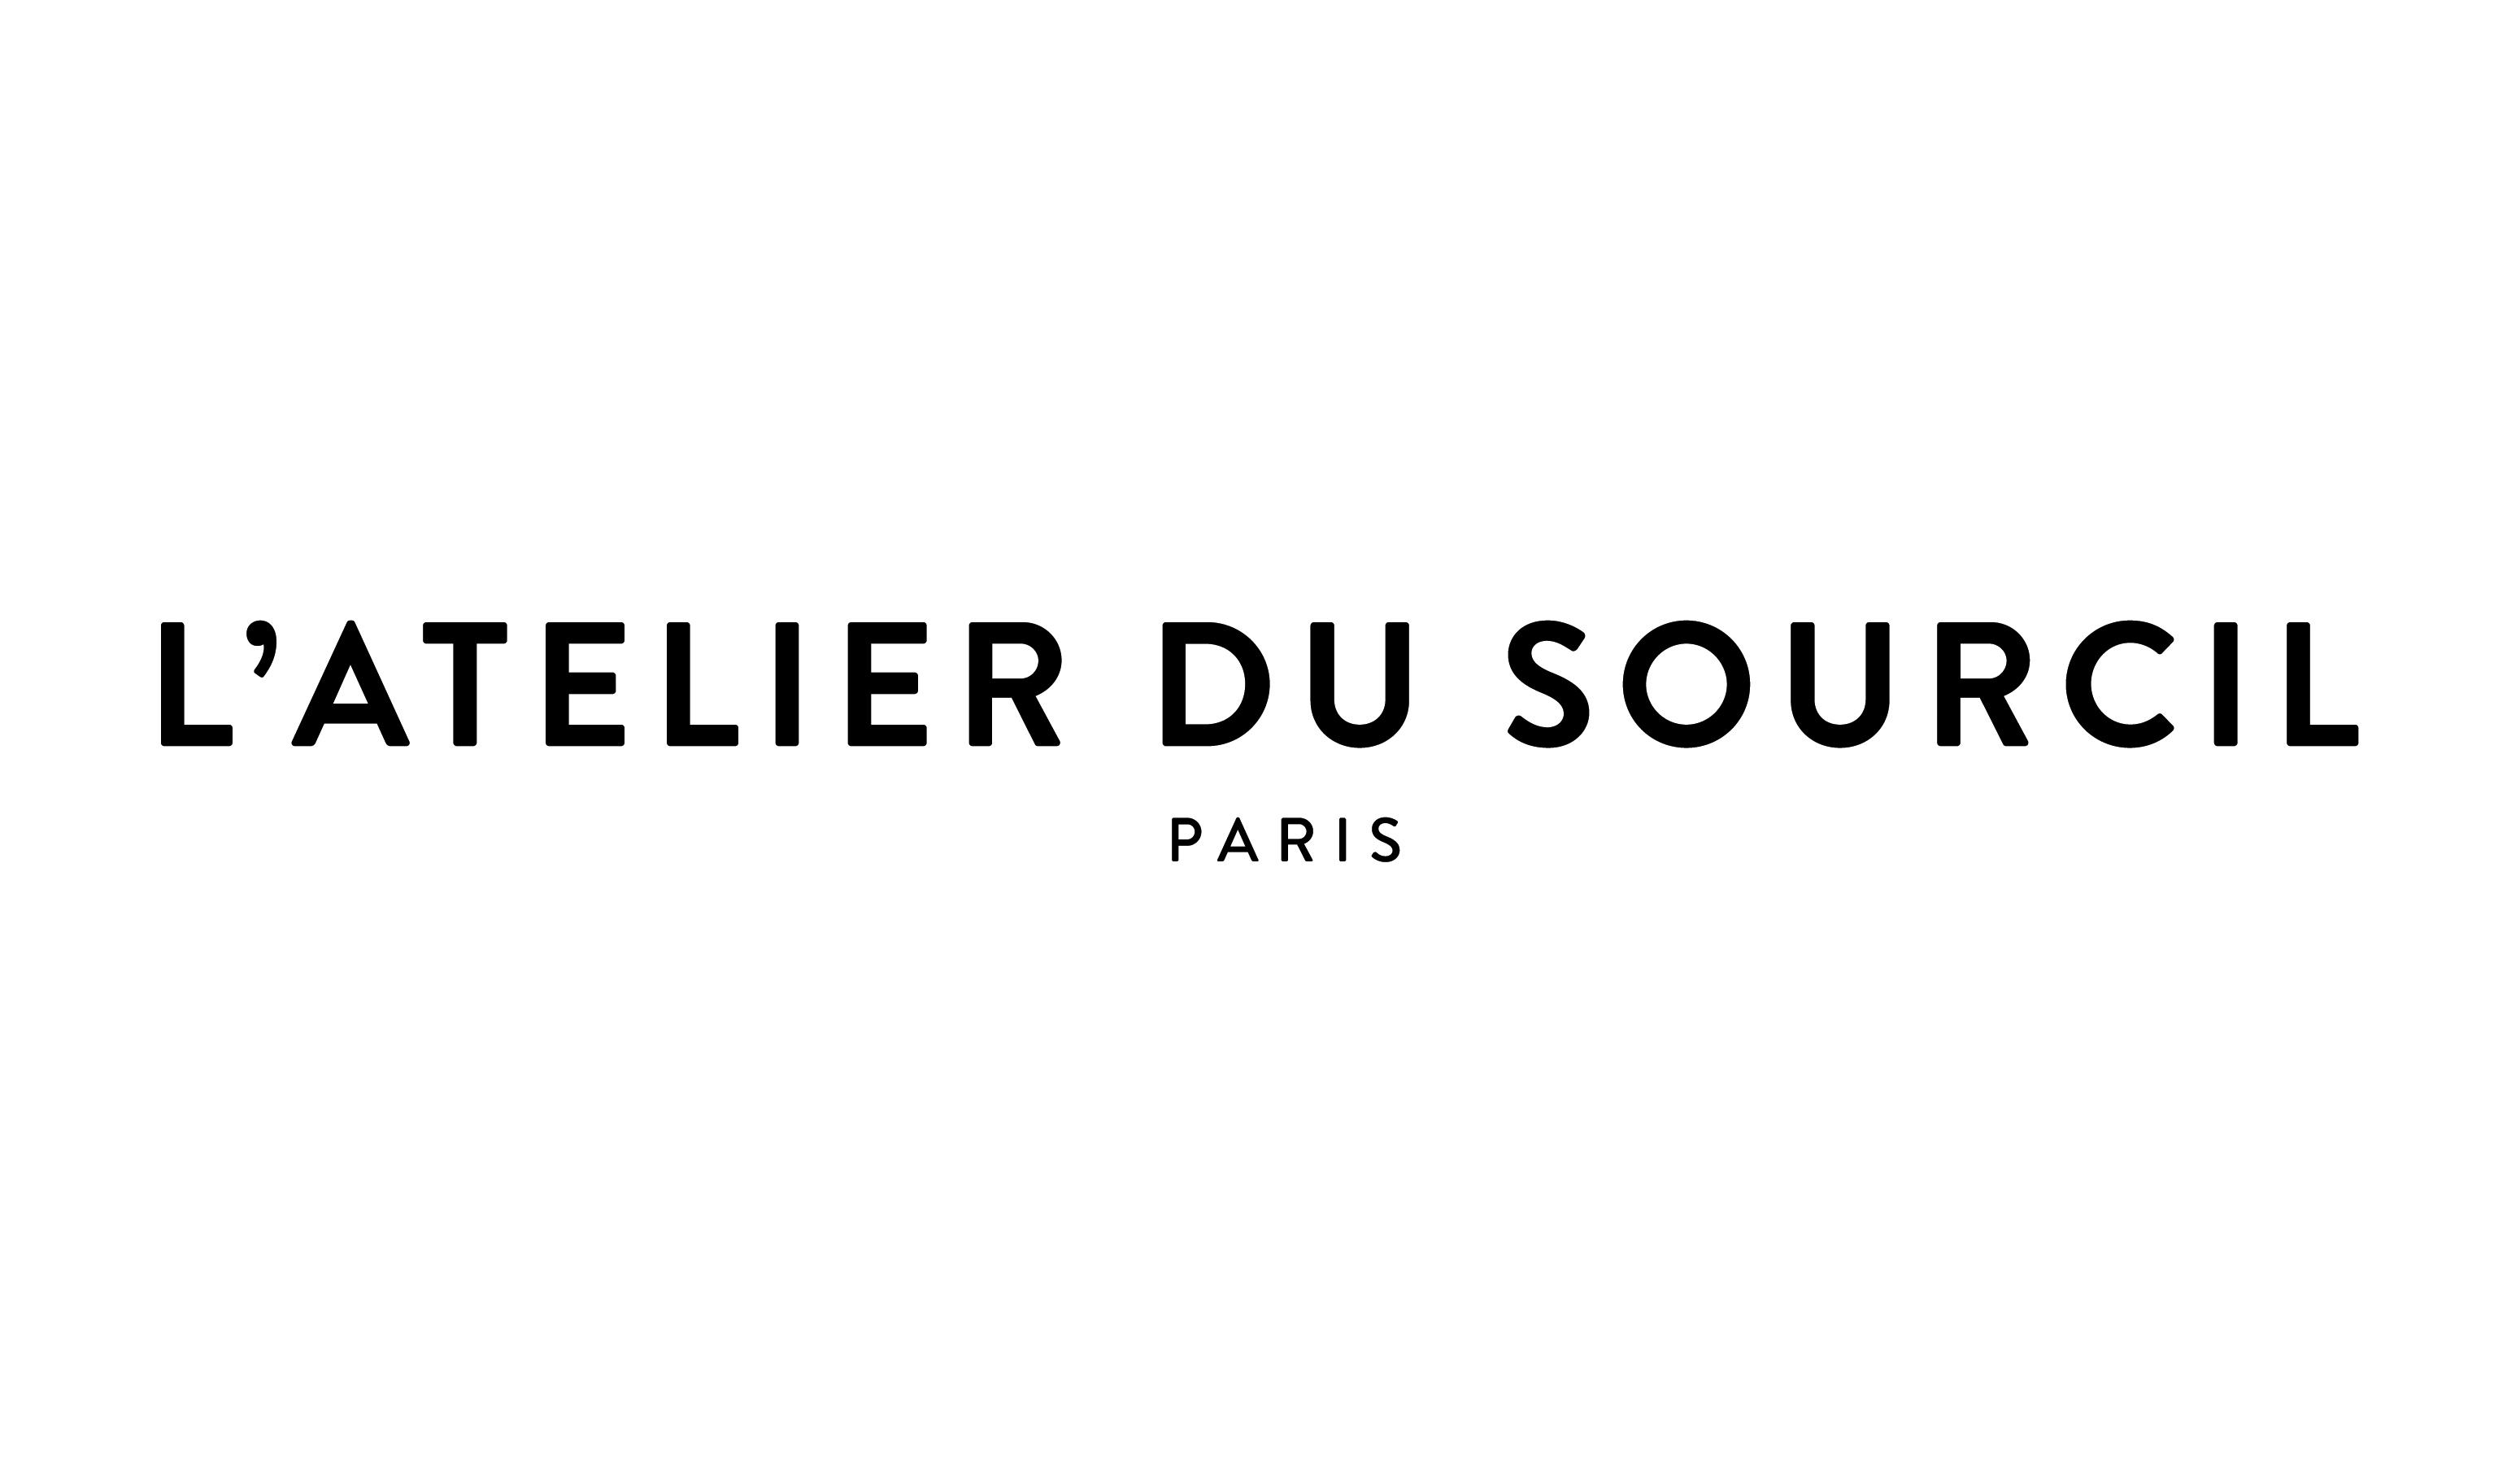 L'Atelier du Sourcil - Levallois-Perret institut de beauté